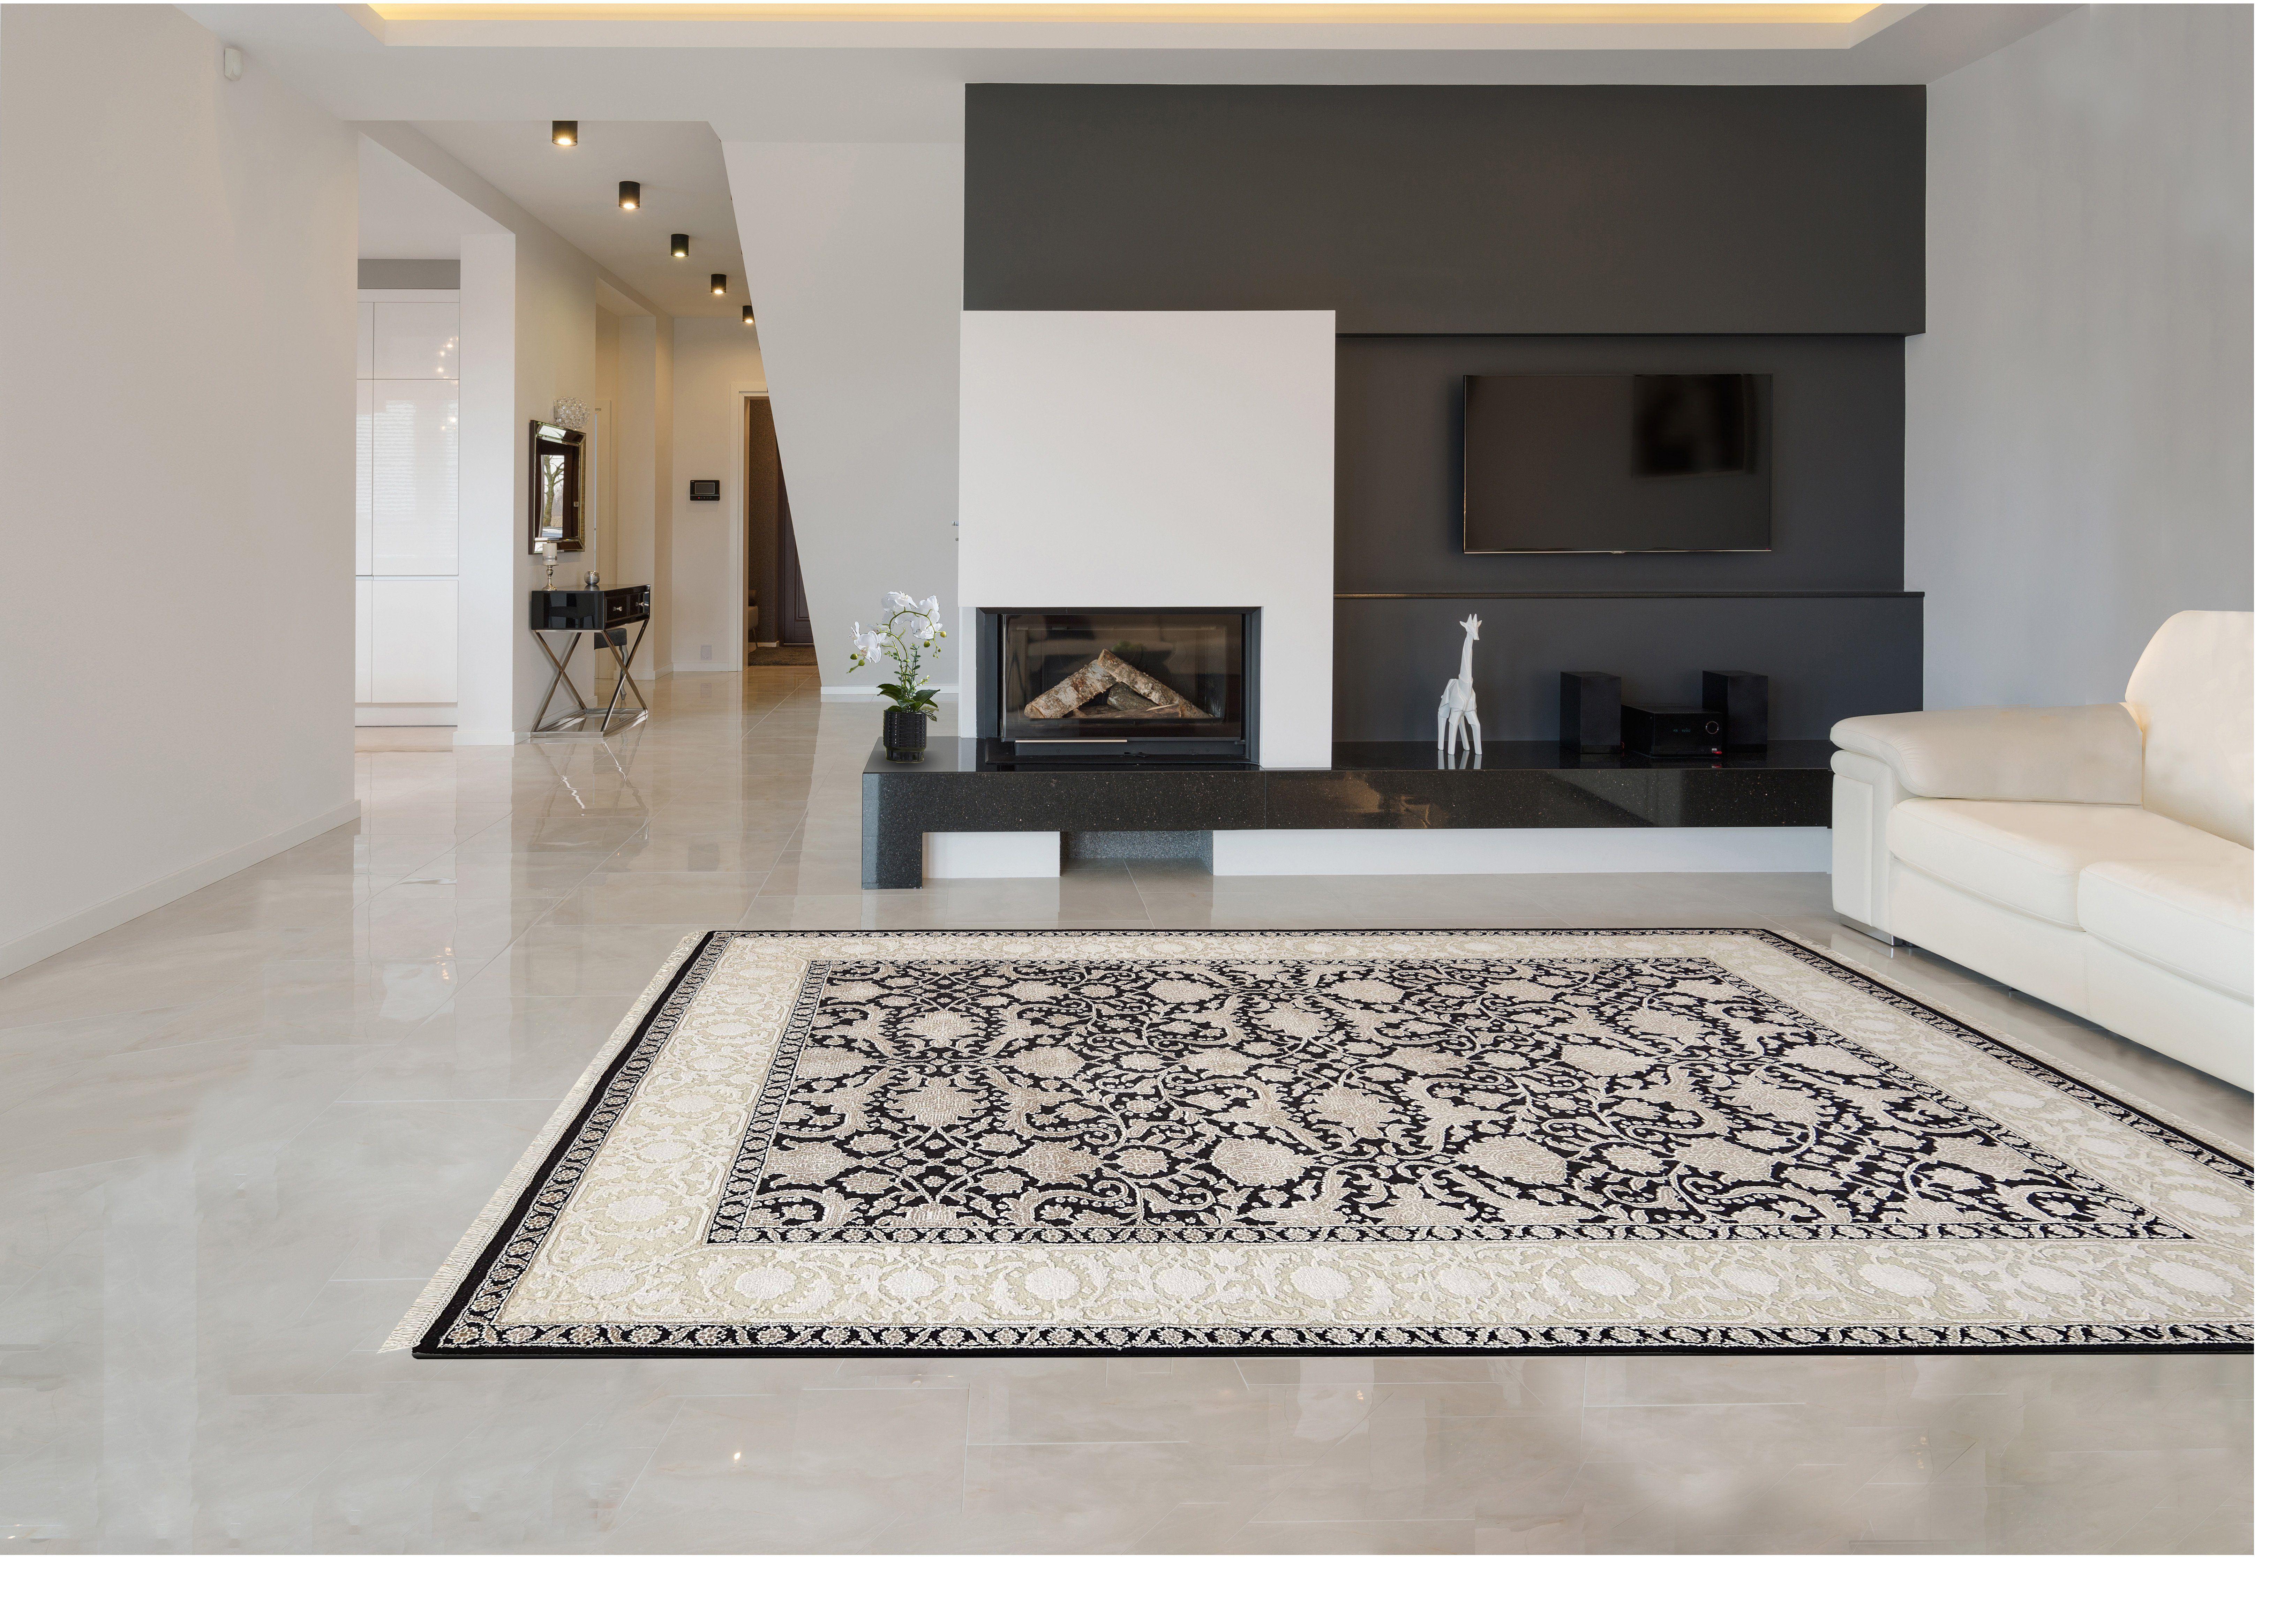 Der Teppich Quot Black 19 Quot Ist Eine Designvariante Der Linie Quot Alema Quot Perserteppich Wohnideen Haus Innenarchitektur